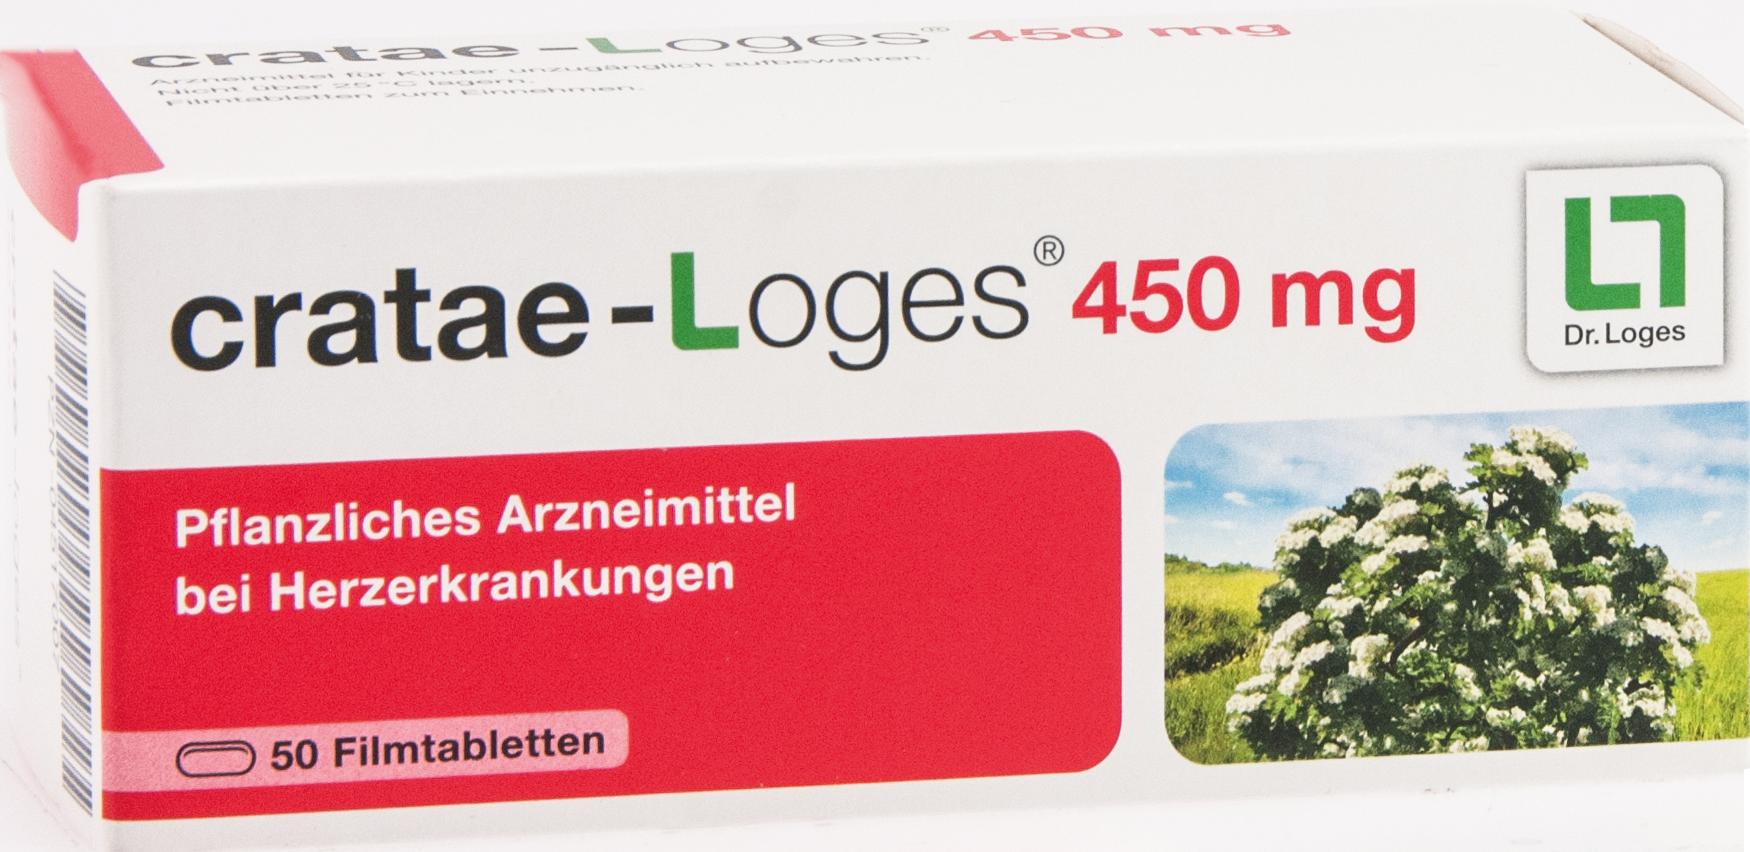 cratae-Loges 450 mg